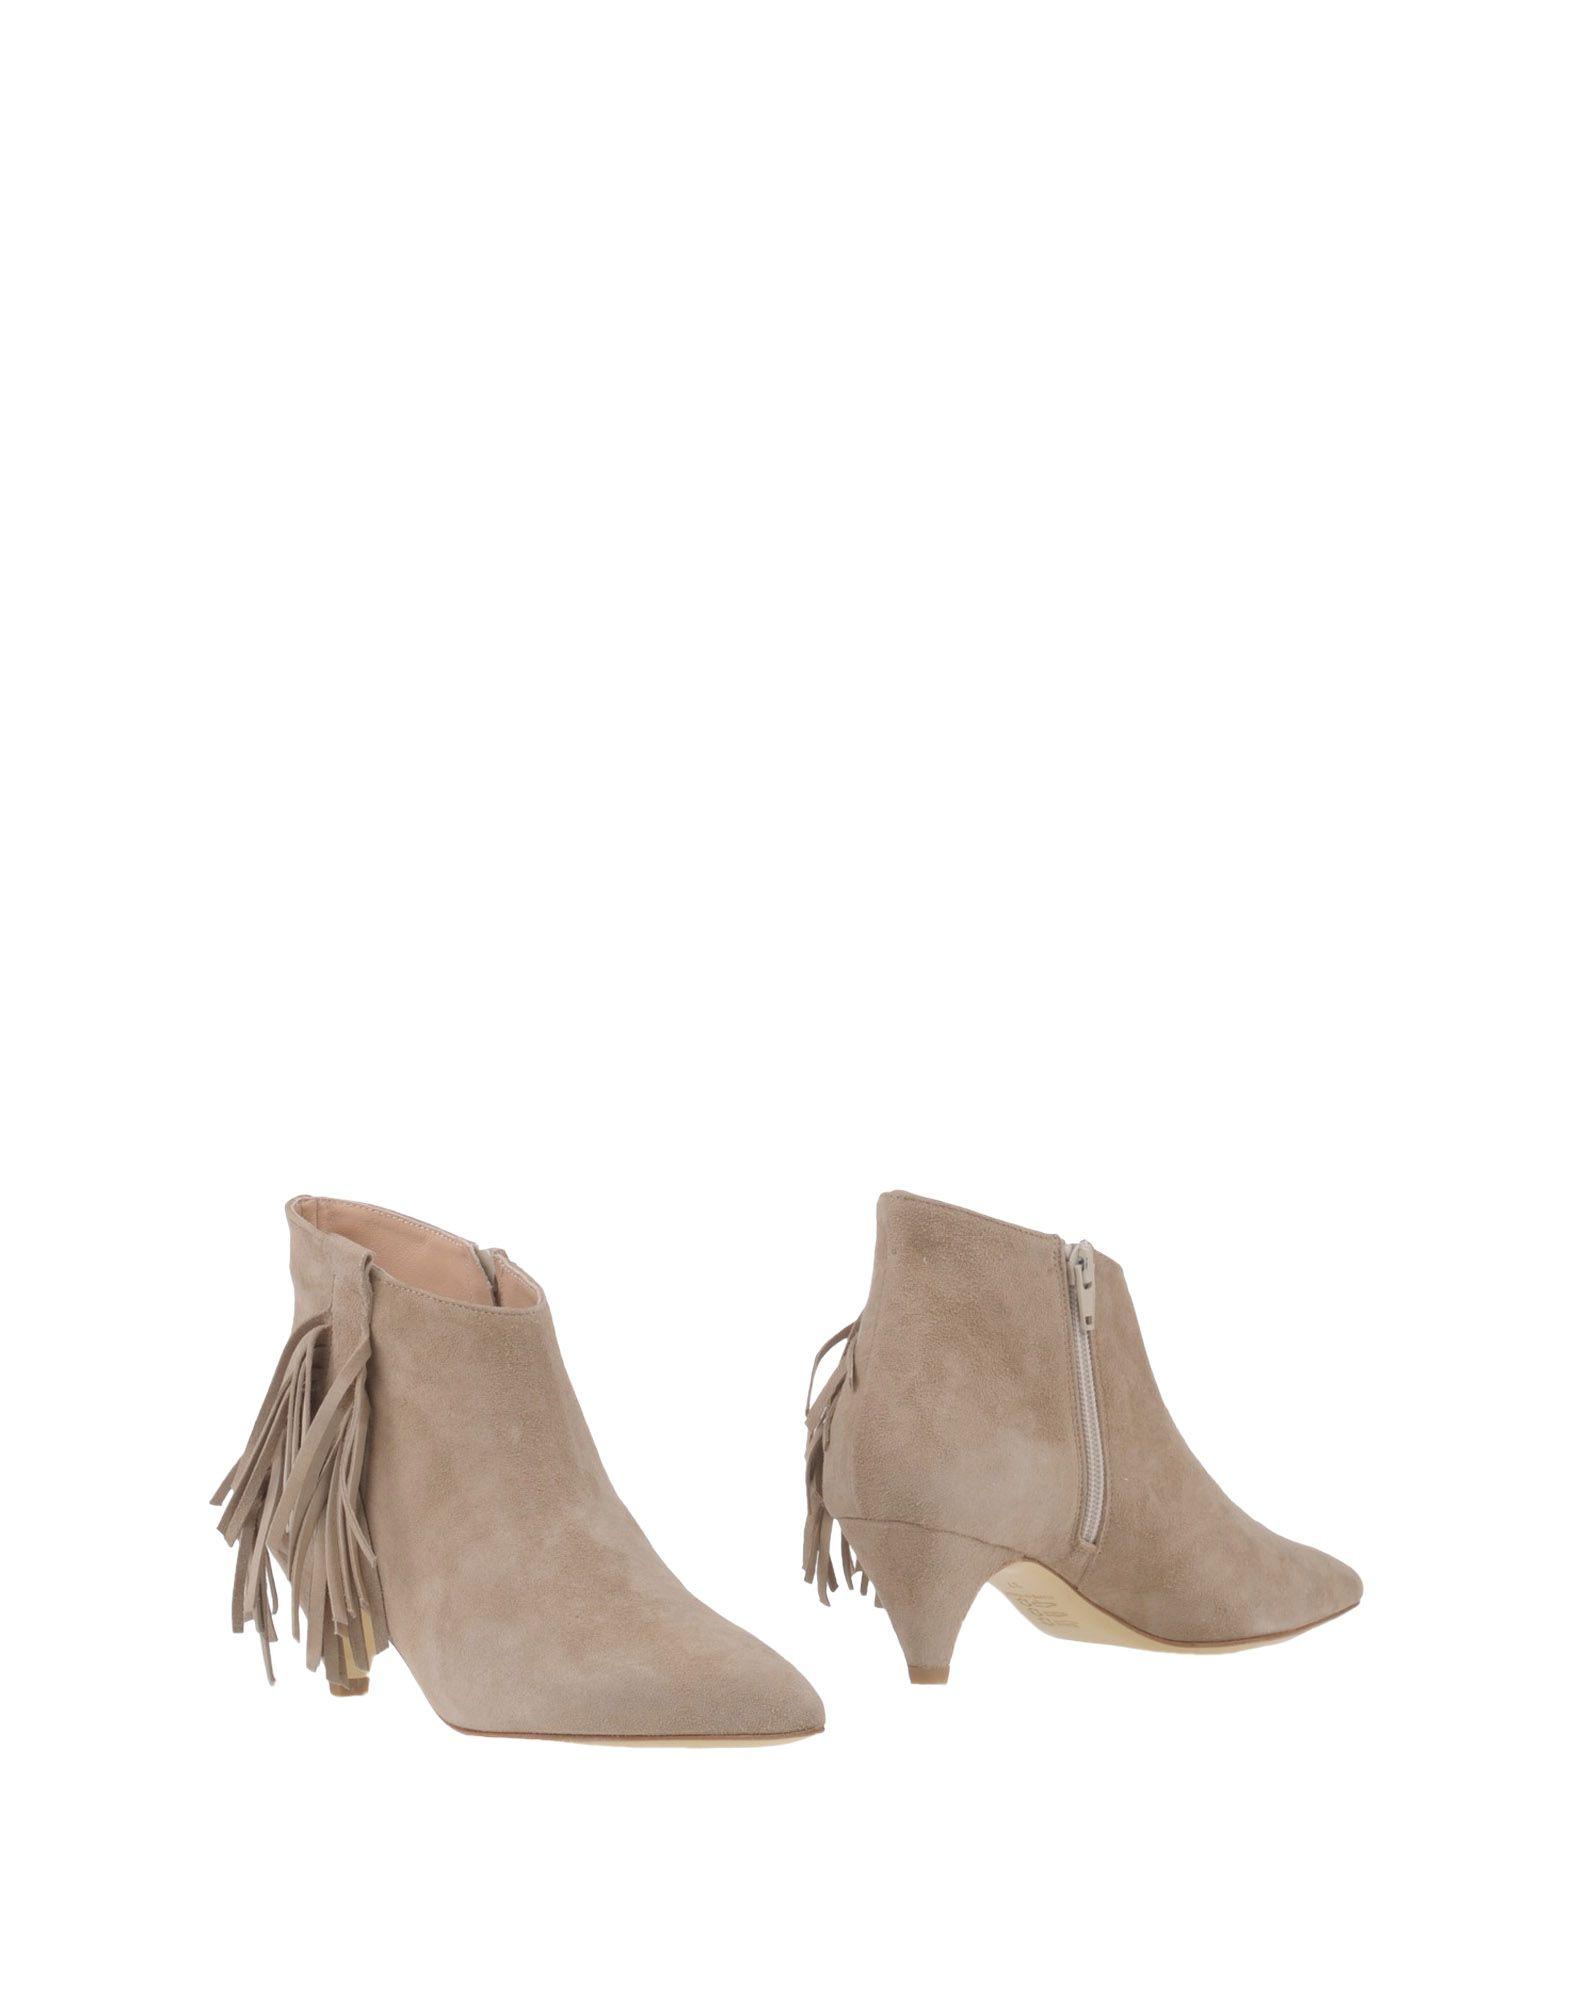 Islo Isabella Lorusso Qualität Stiefelette Damen  11376561LK Gute Qualität Lorusso beliebte Schuhe 764d14